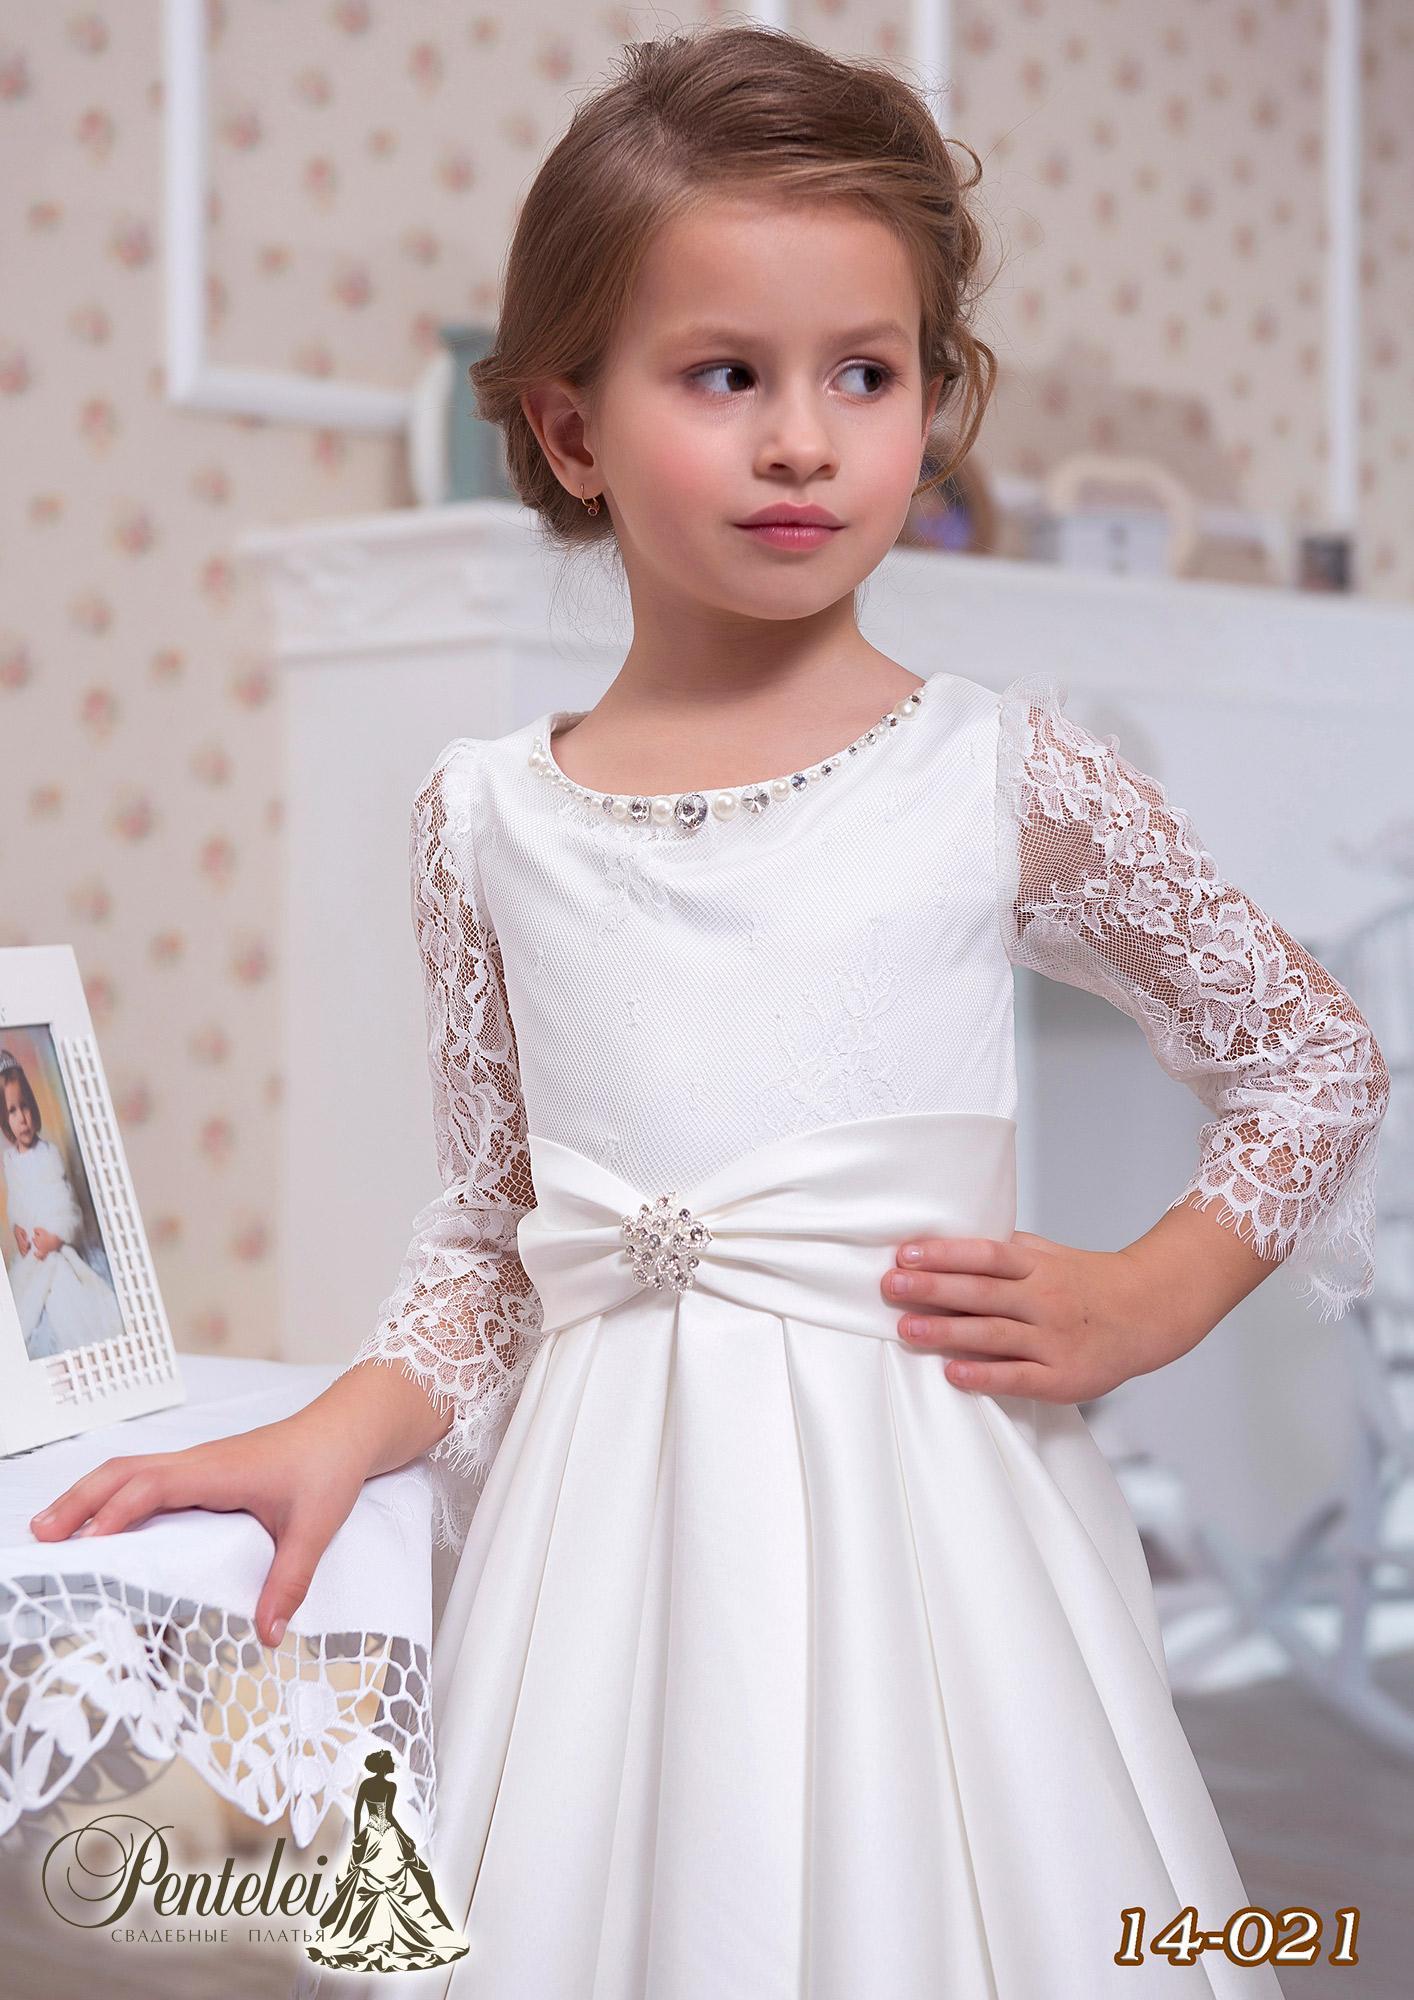 14-021 | Купити дитячі сукні оптом від Pentelei